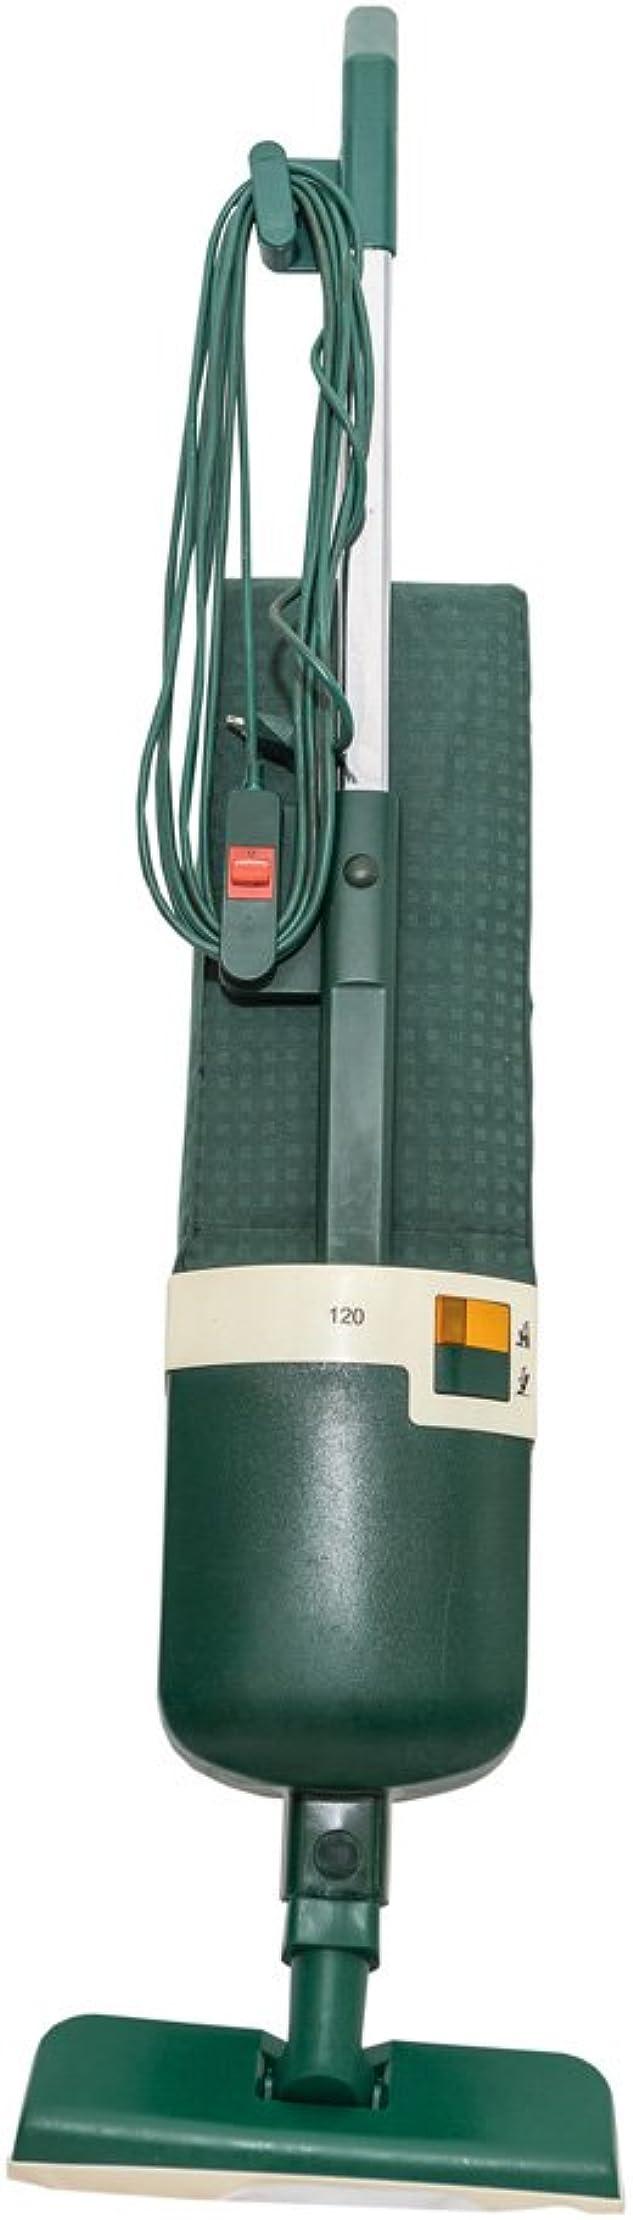 Folletto vorwerk vk 120 rigenerato/usato aspirapolvere/scopa elettrica B007HC2RSC